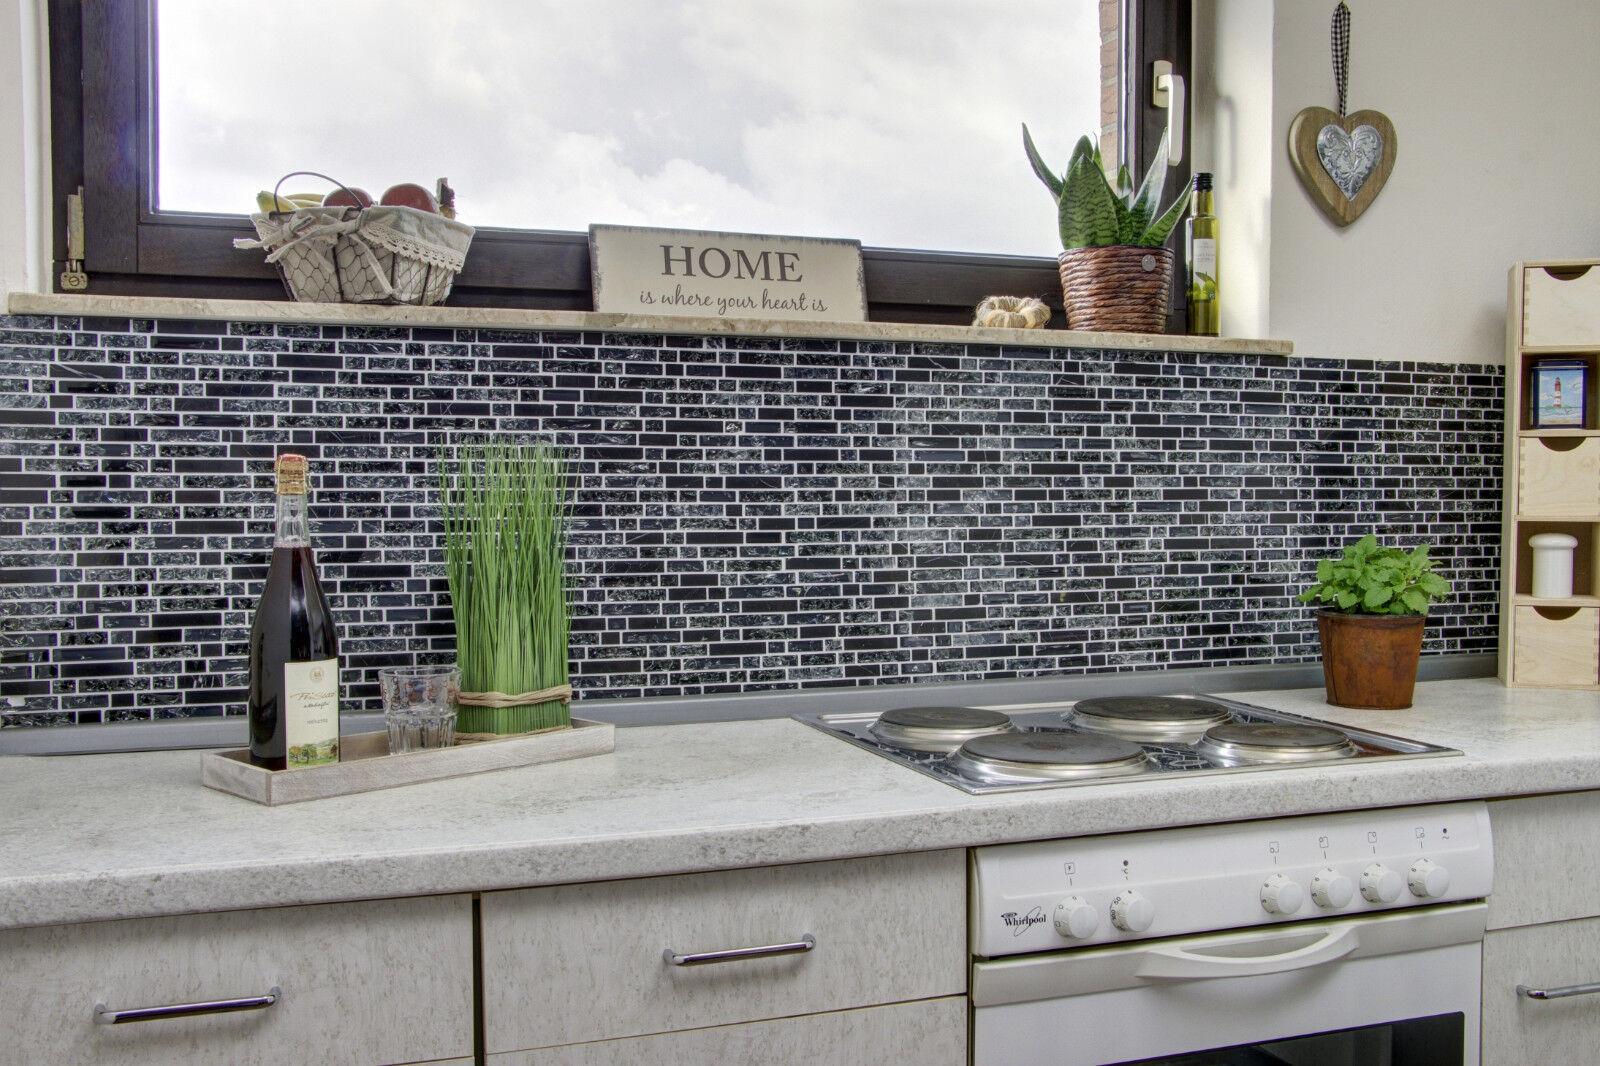 Küchenrückwand Mosaik Fliese Verbund GlasStein Mix Schwarz Art - Küchenrückwand mosaik fliesen